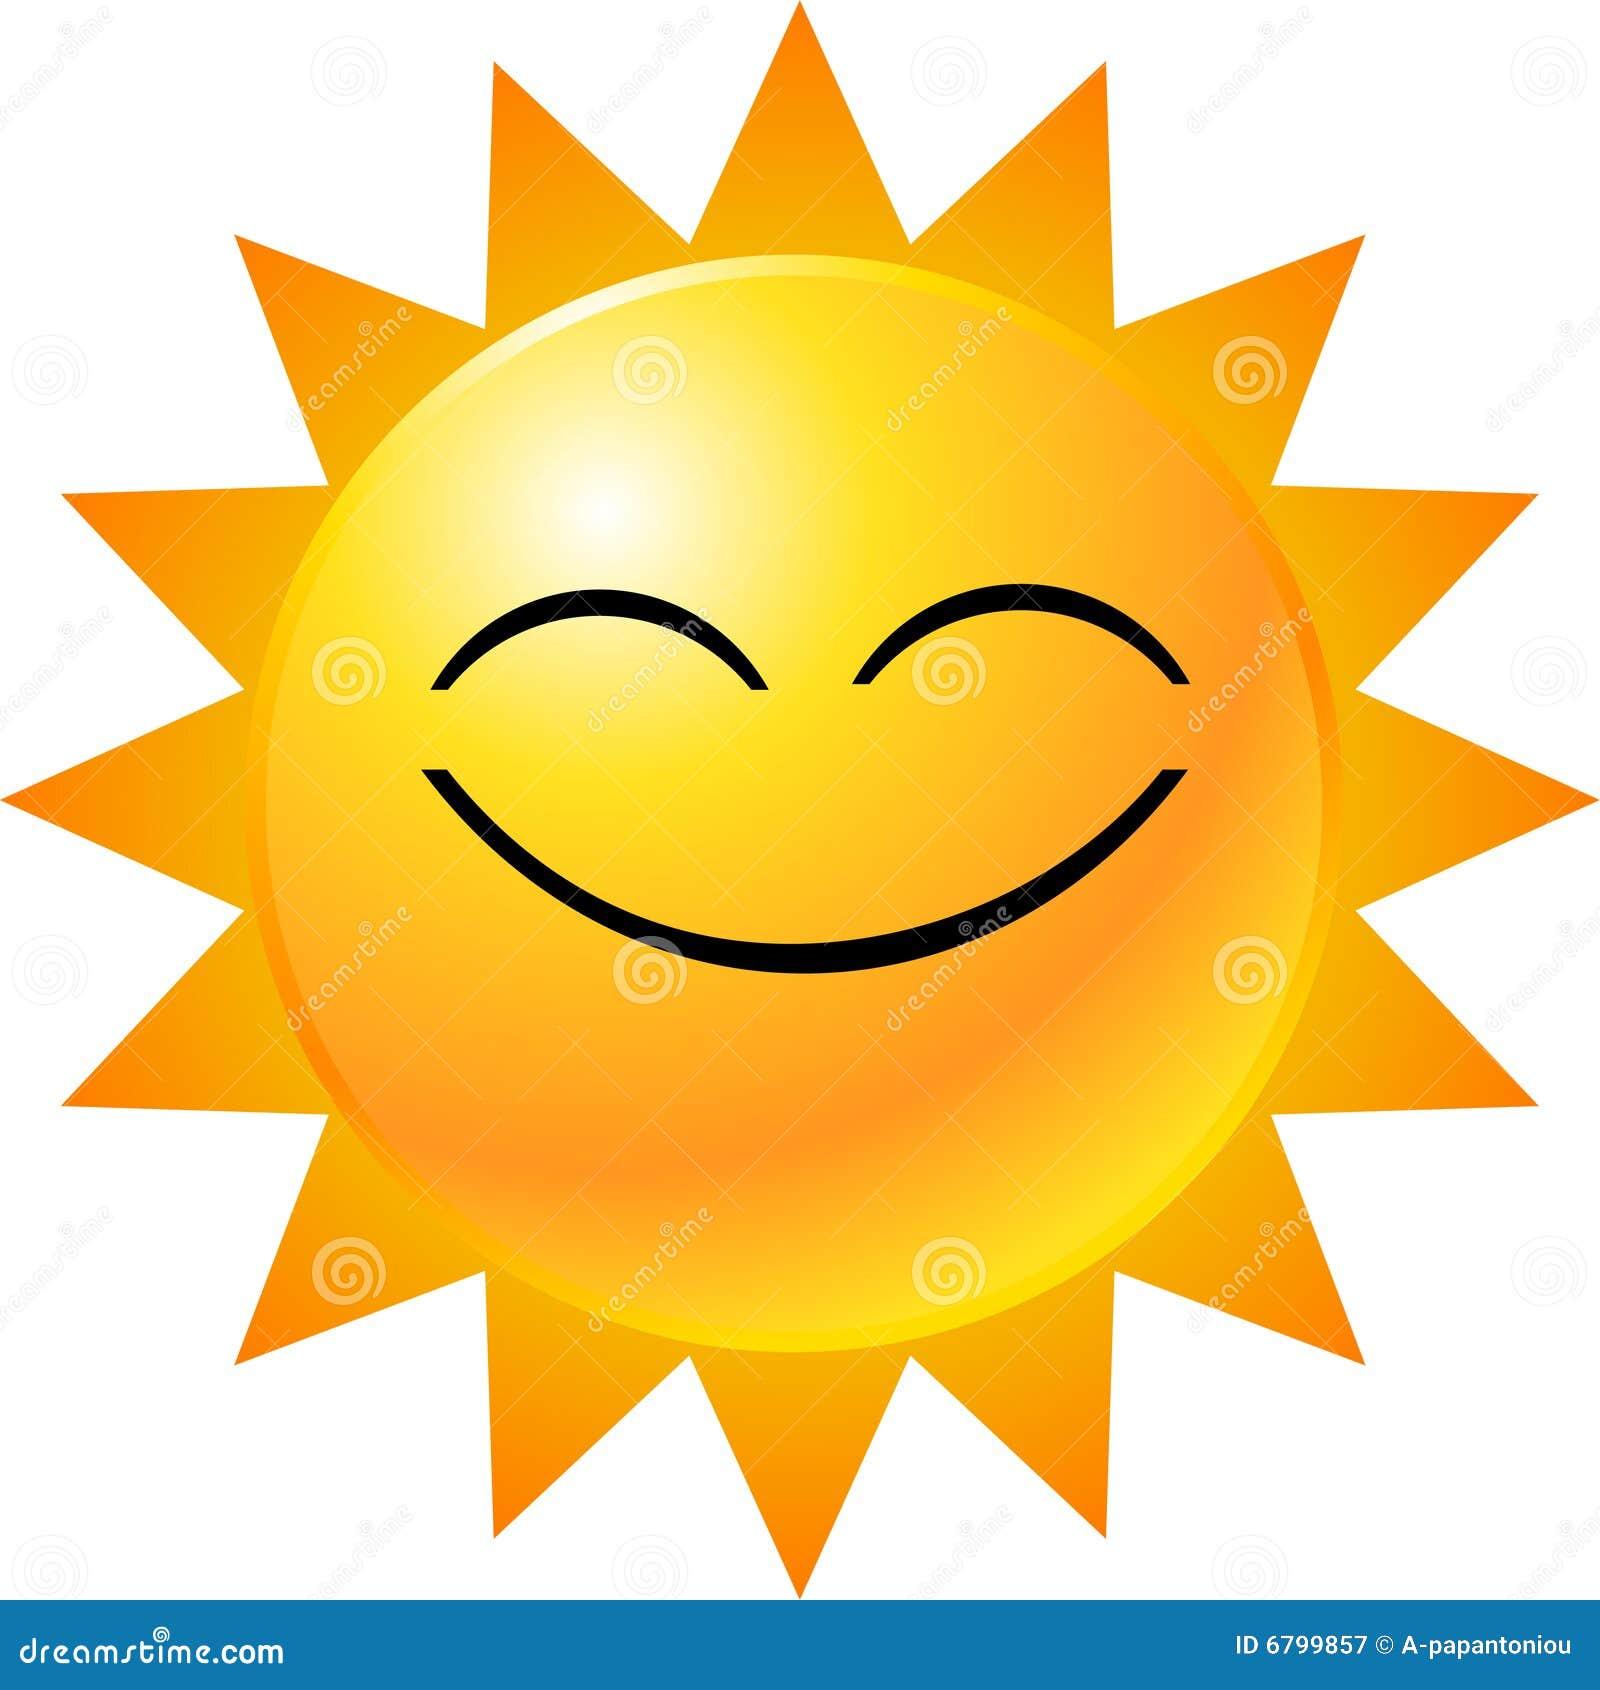 Smiley Sun Clip Art